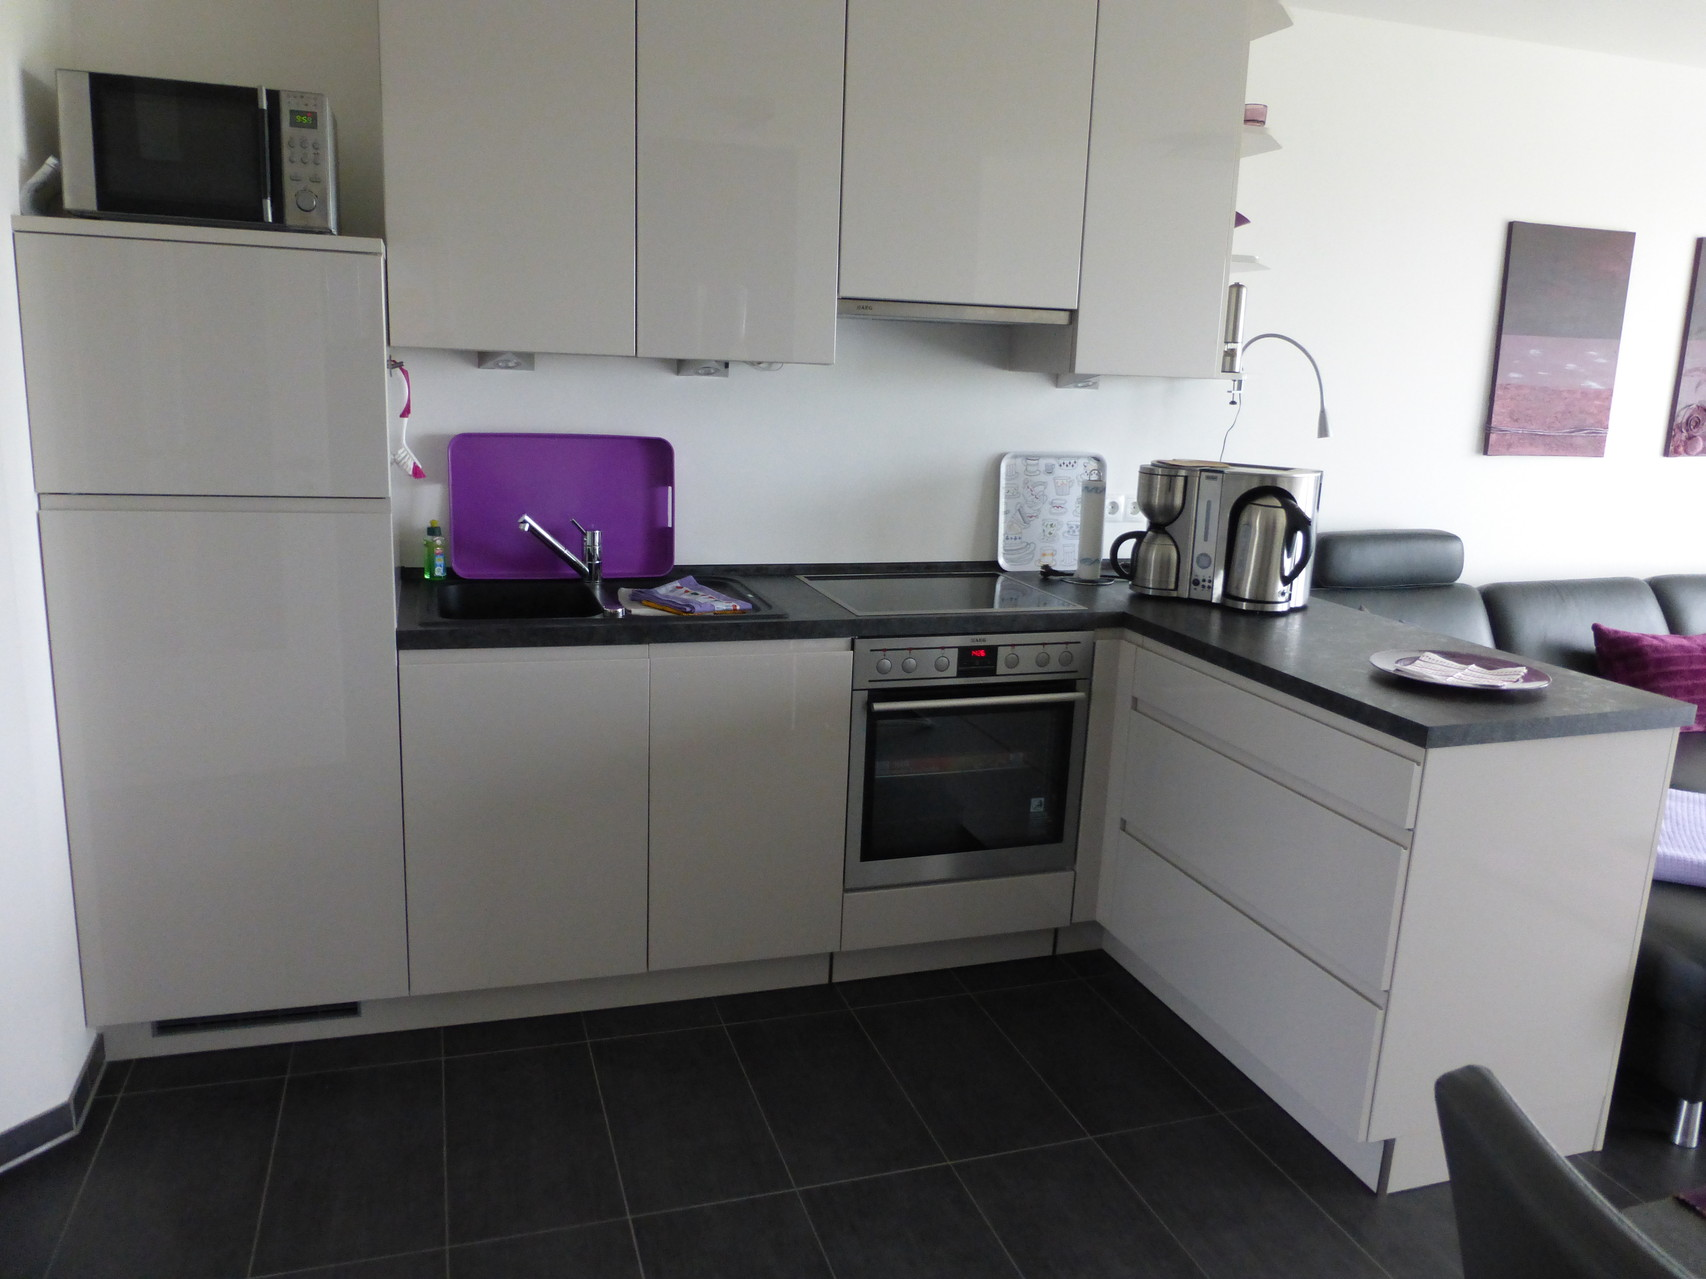 Moderner, sehr gut ausgestatteter Küchenbereich